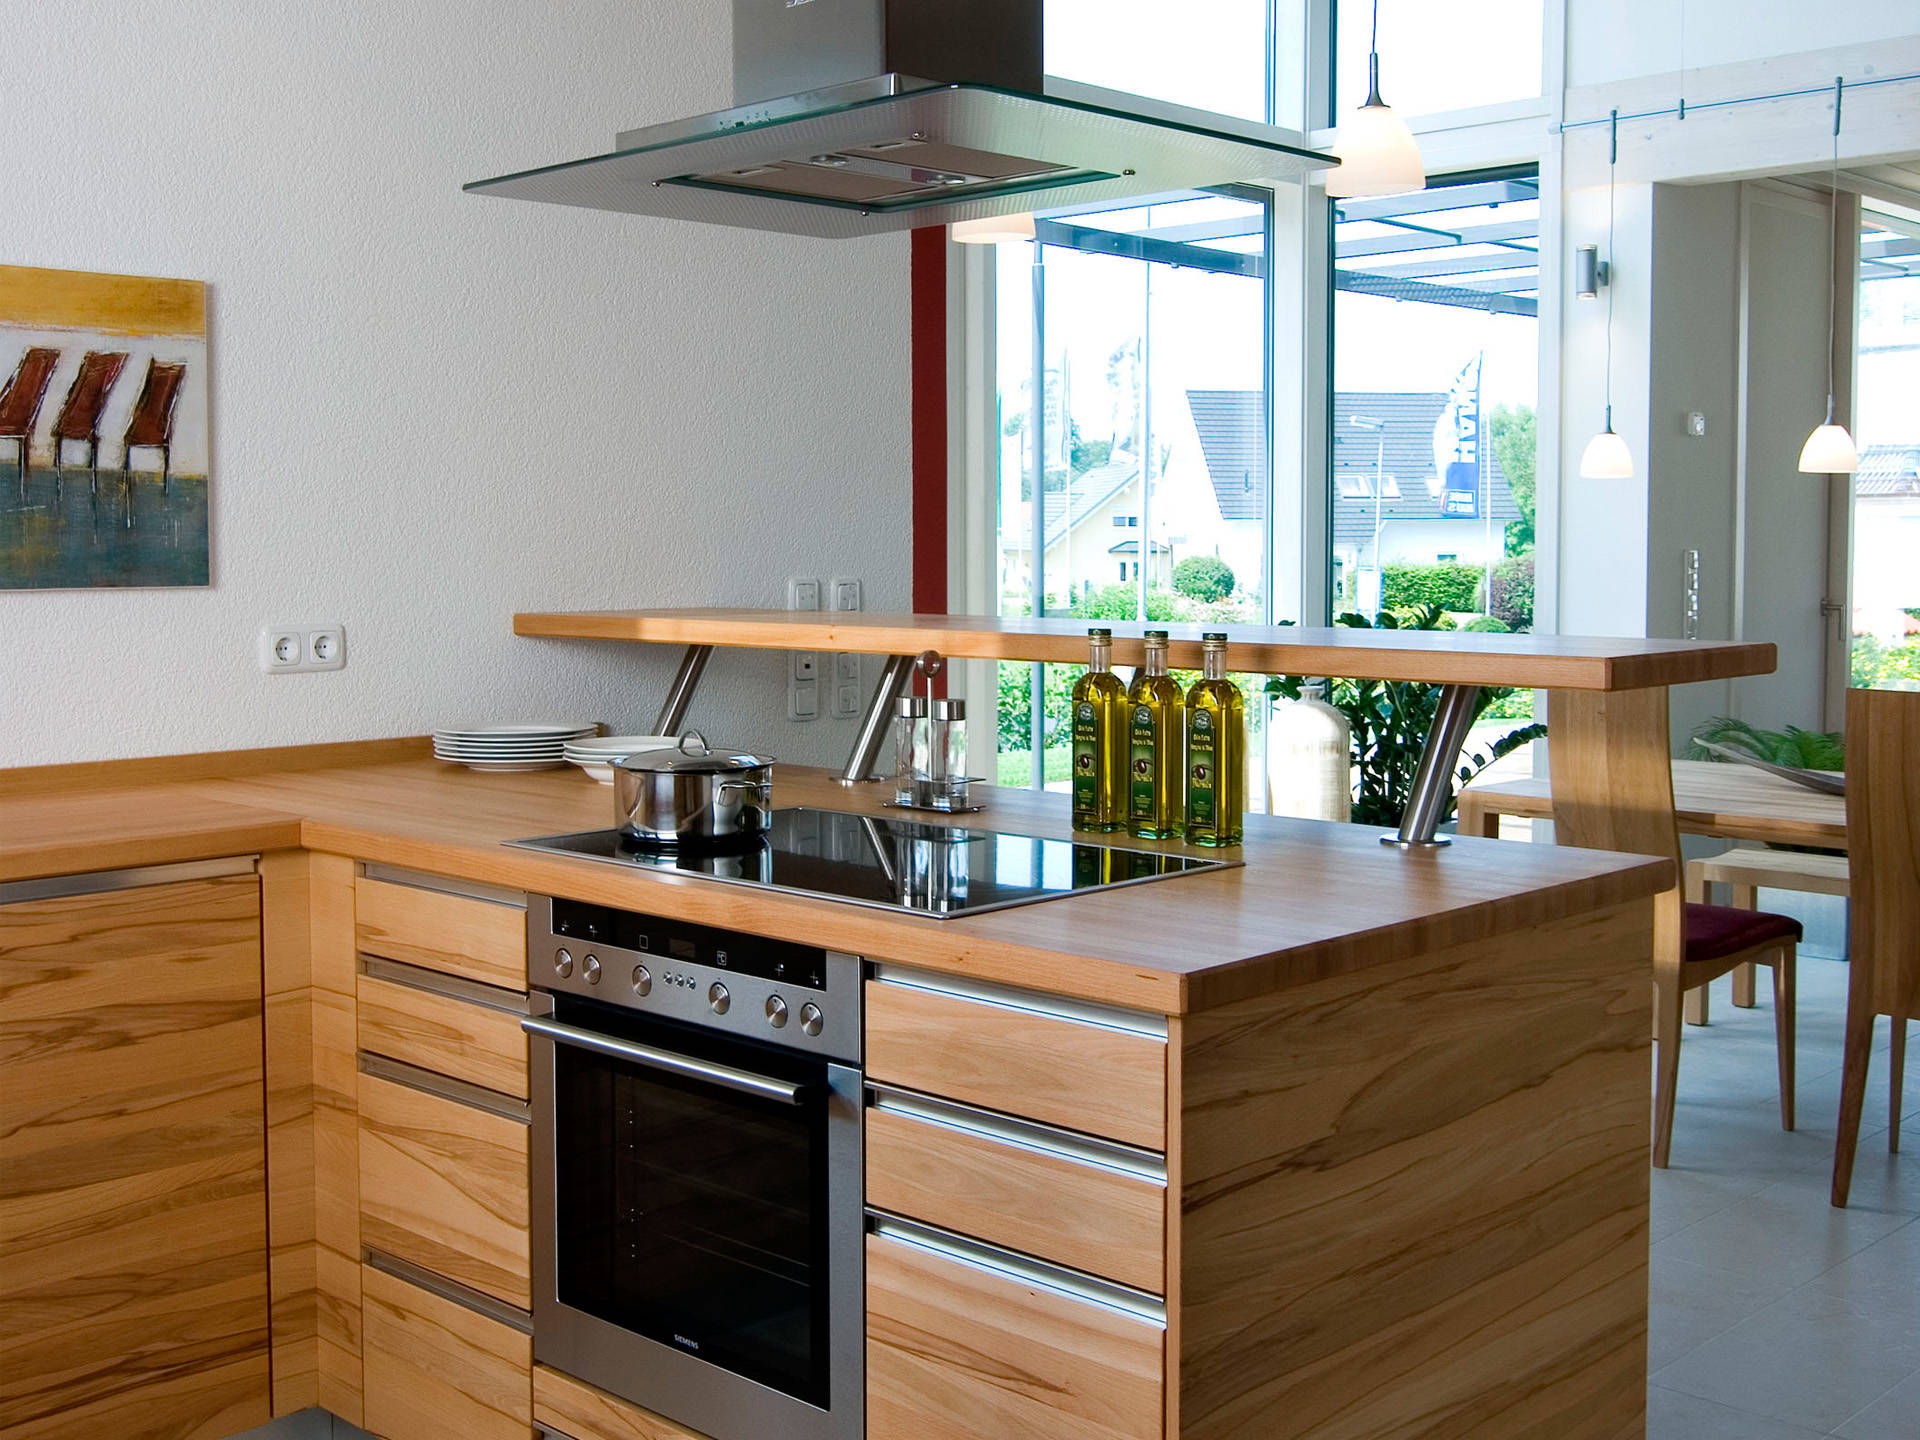 Küche Haus Design 168 von frammelsberger Holzhaus